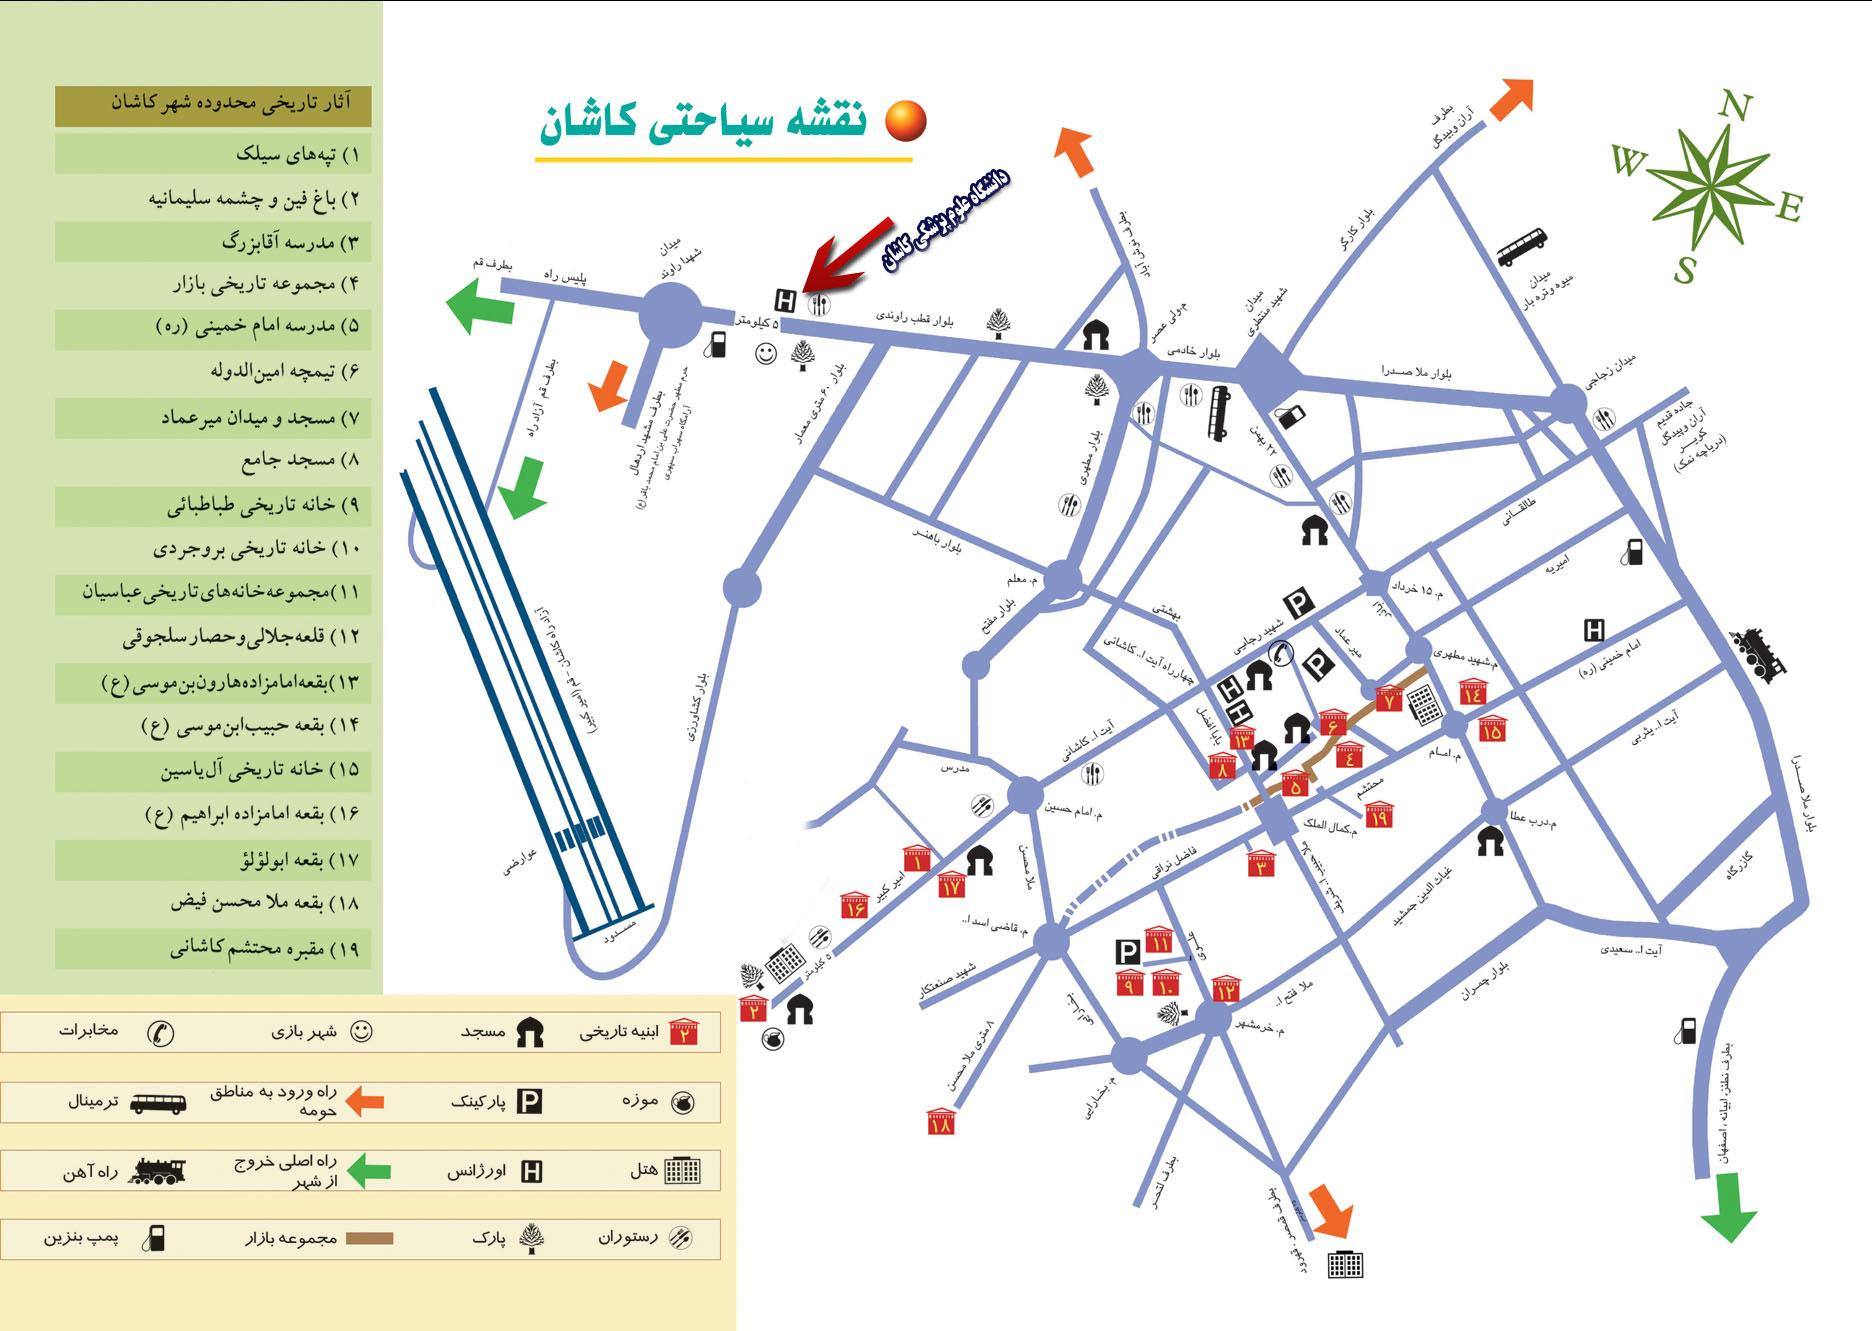 نقشه شهرستان کاشان و مسیر دانشگاه علوم پزشکی کاشان